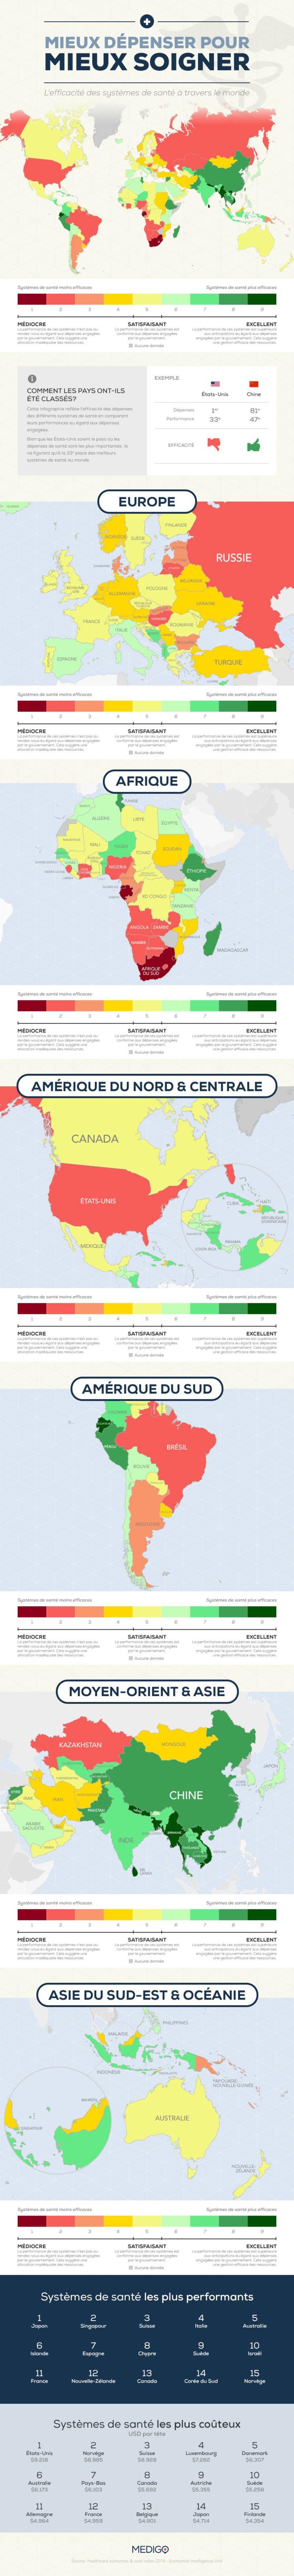 Infographie sur l'efficacité des dépenses dans les systèmes de santé : Le Sénégal dans le top avec la mention excellent